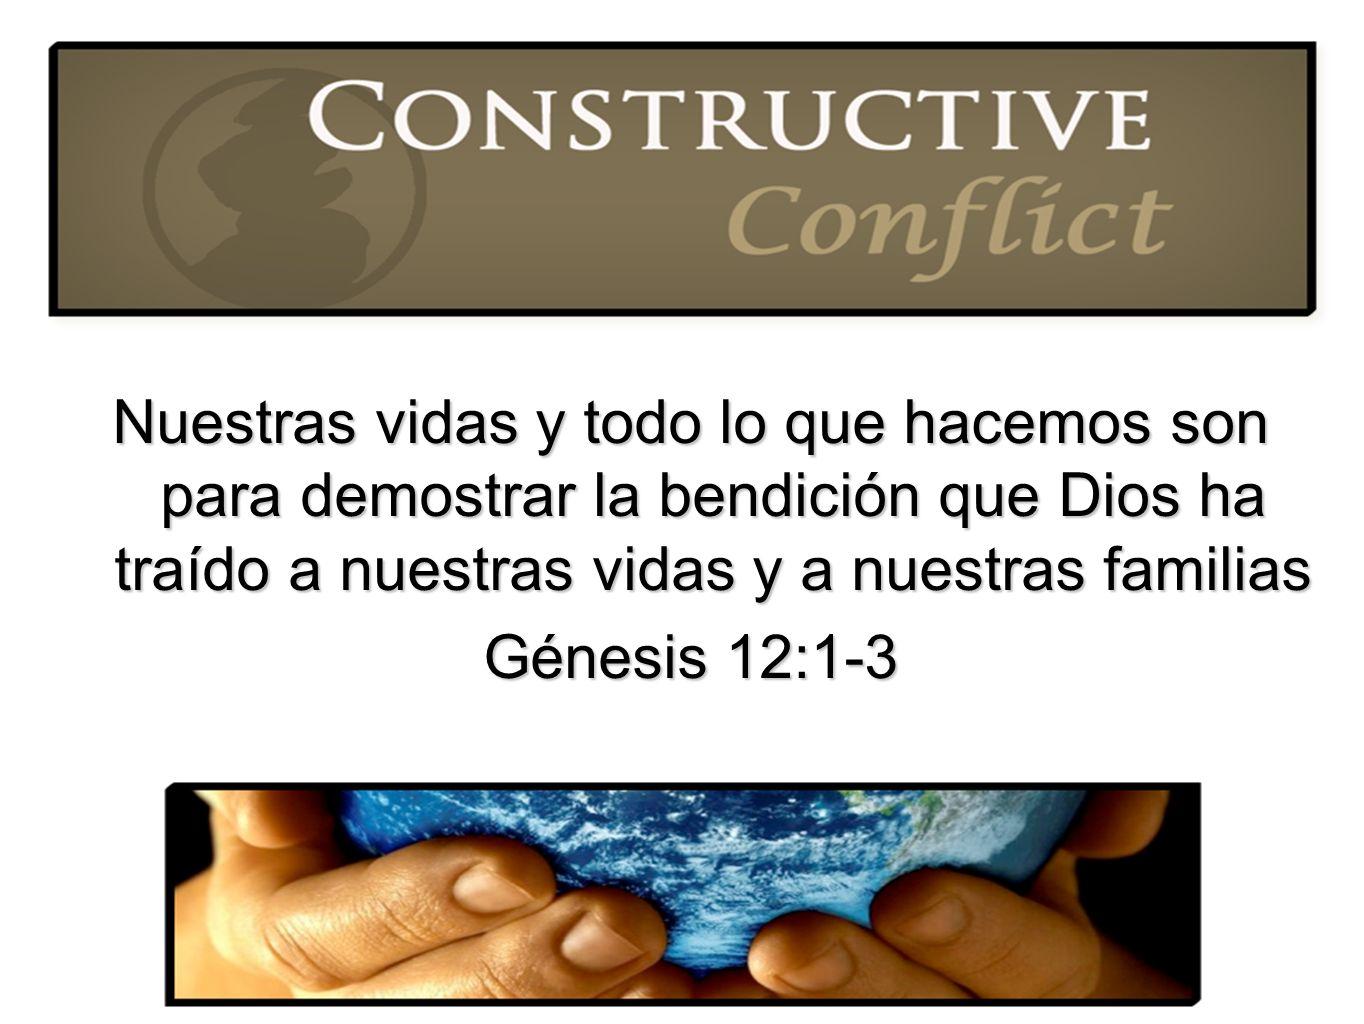 Nuestras vidas y todo lo que hacemos son para demostrar la bendición que Dios ha traído a nuestras vidas y a nuestras familias Génesis 12:1-3